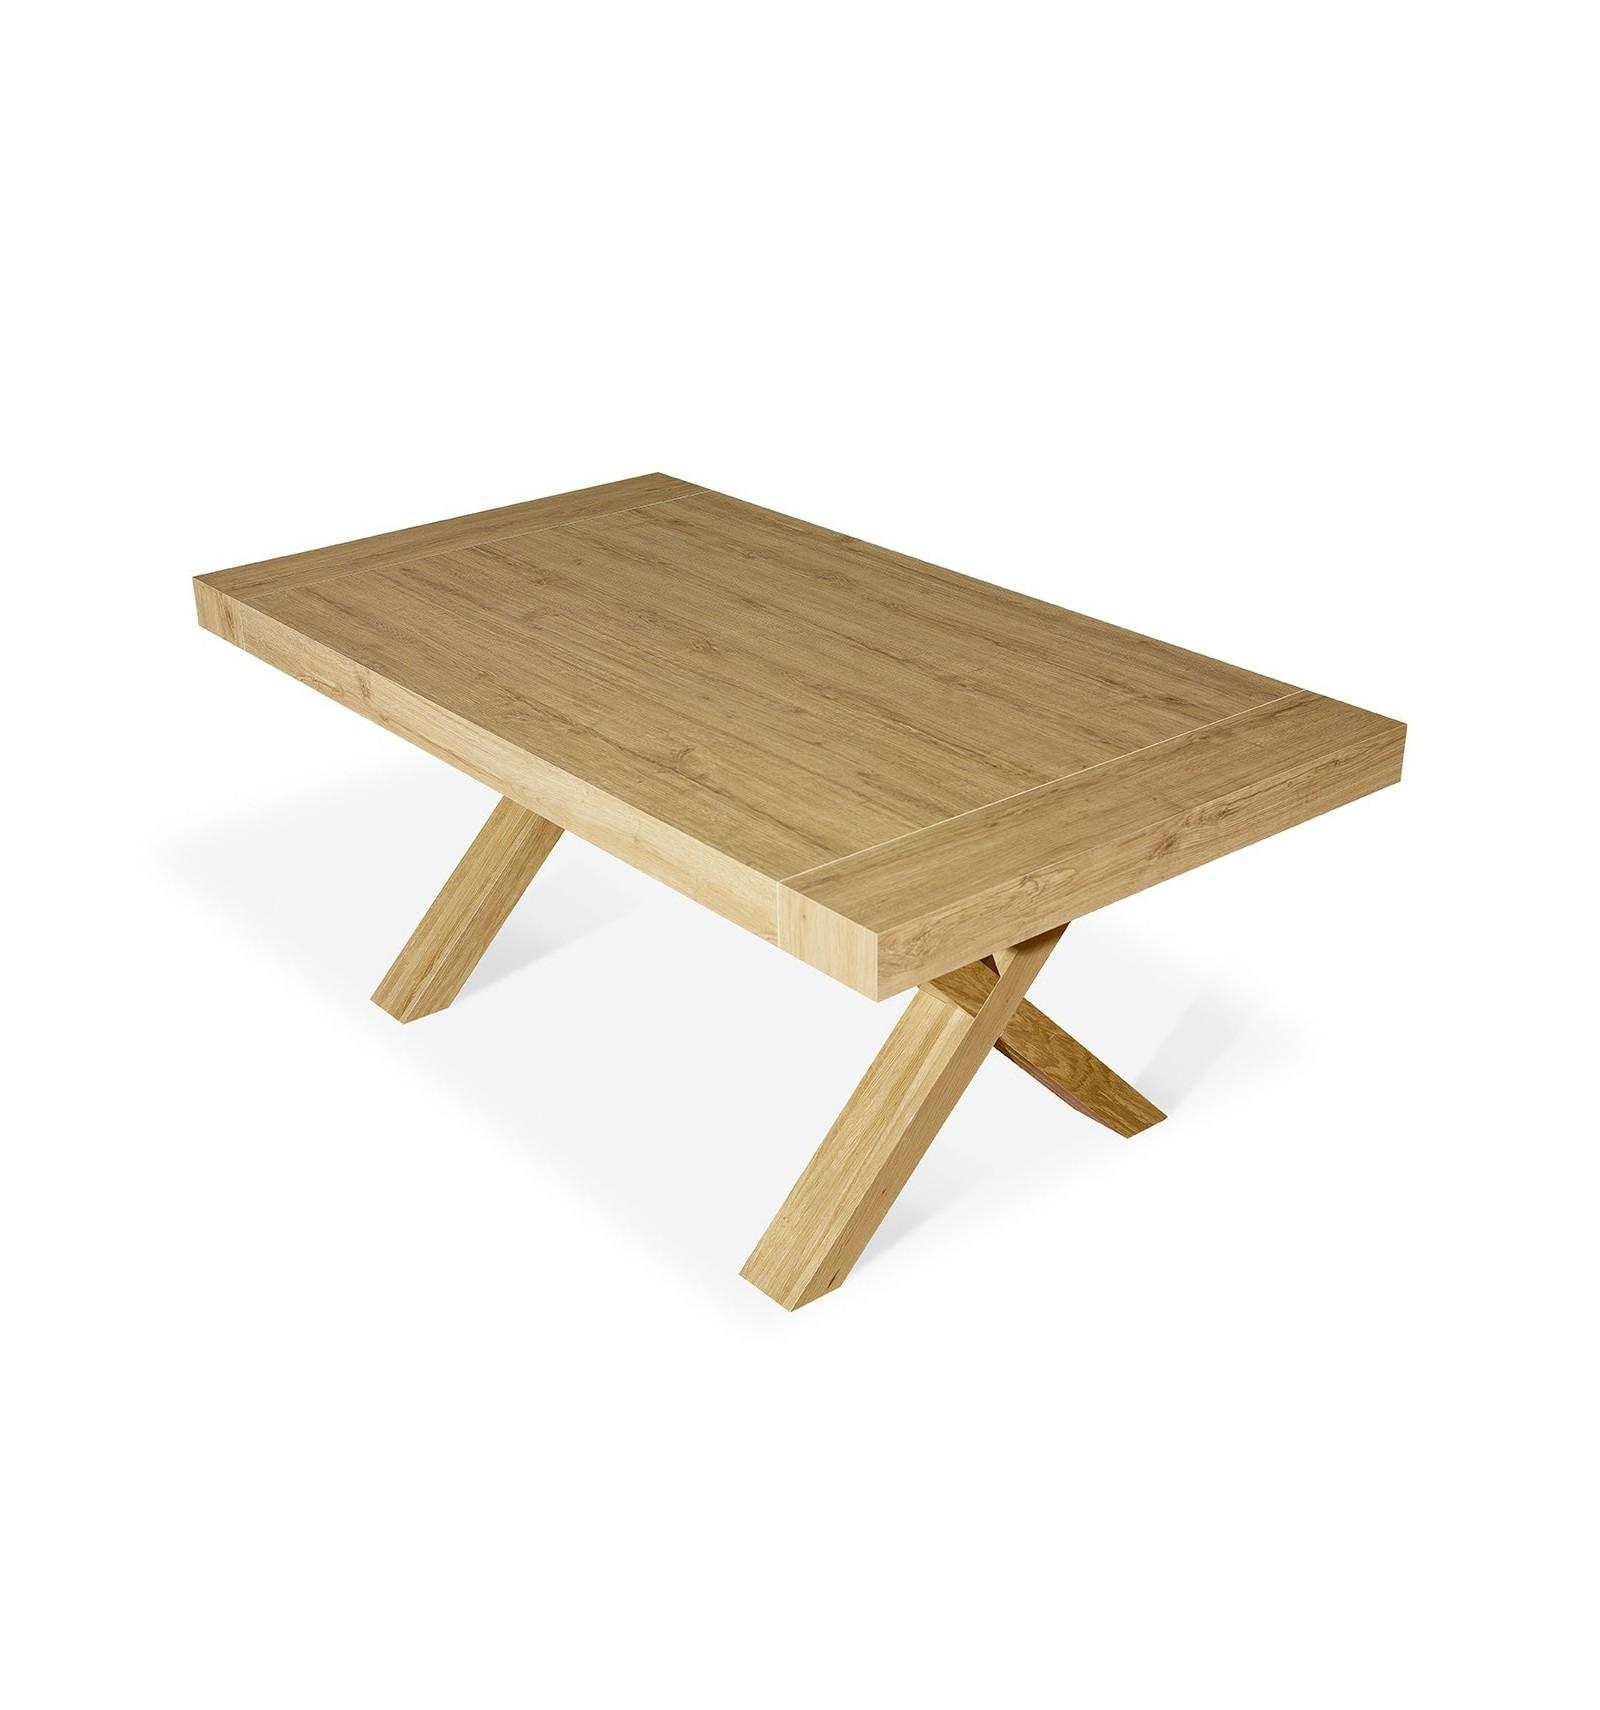 Ics | Tavolo allungabile in legno con base a X | InSedia: Sedie ...